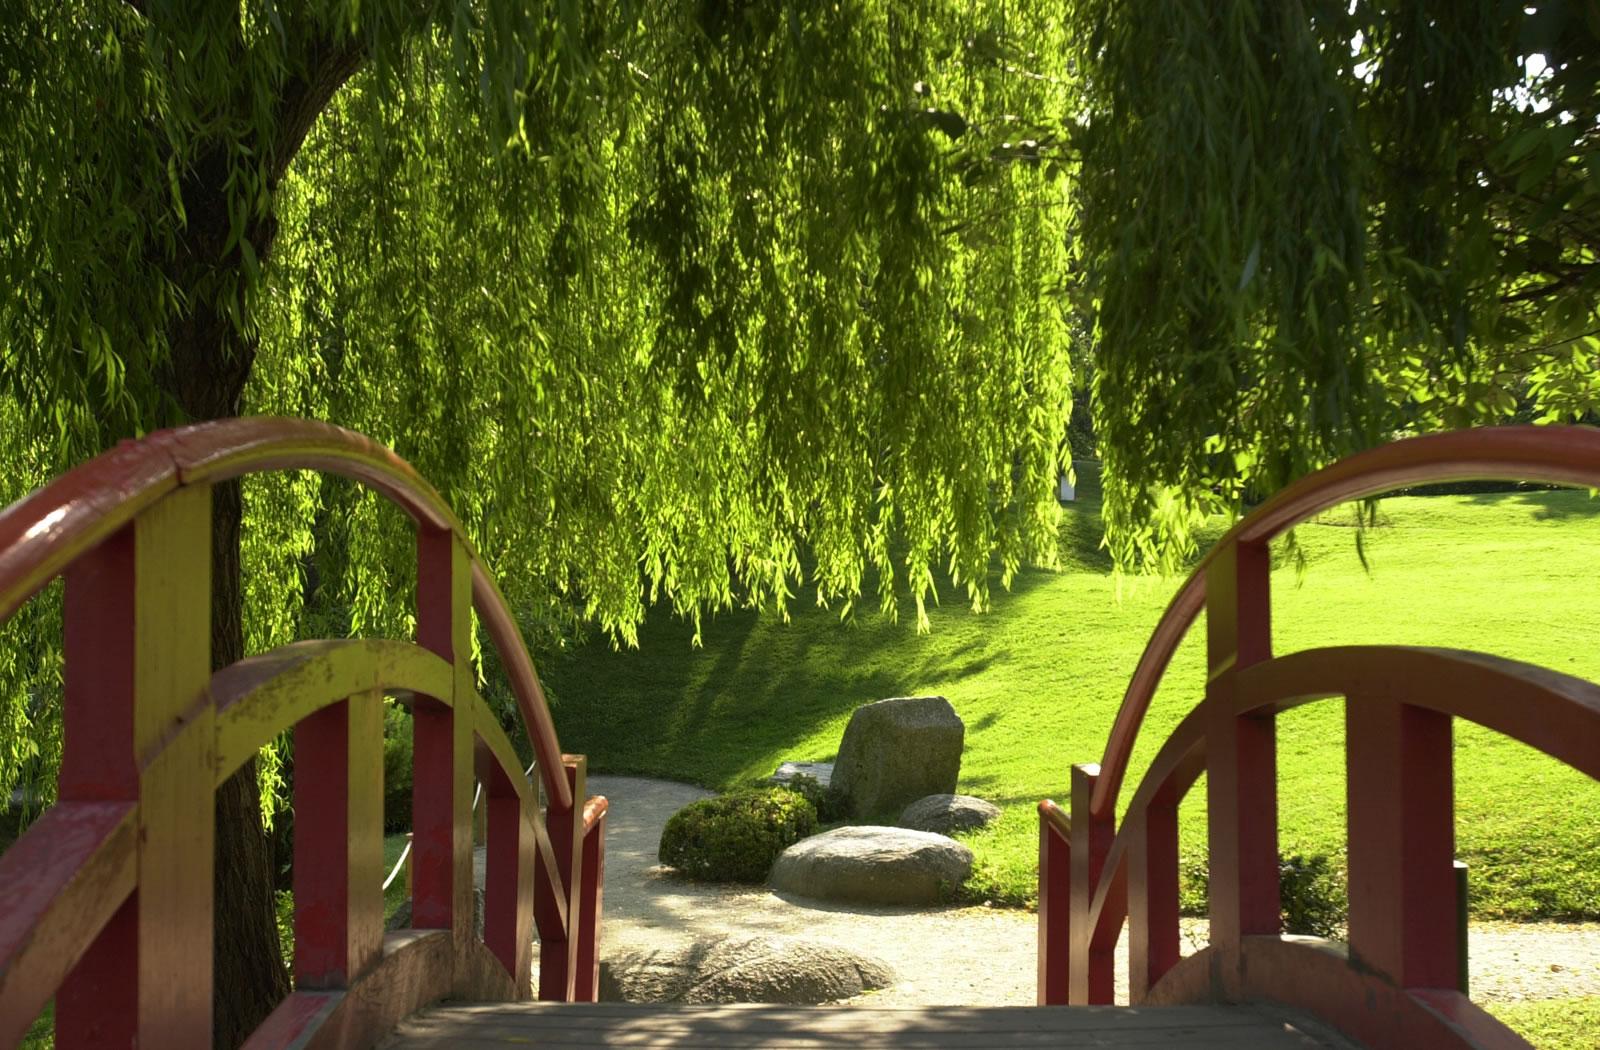 Salon De Jardin Asiatique 10 plantes incontournables dans un jardin japonais